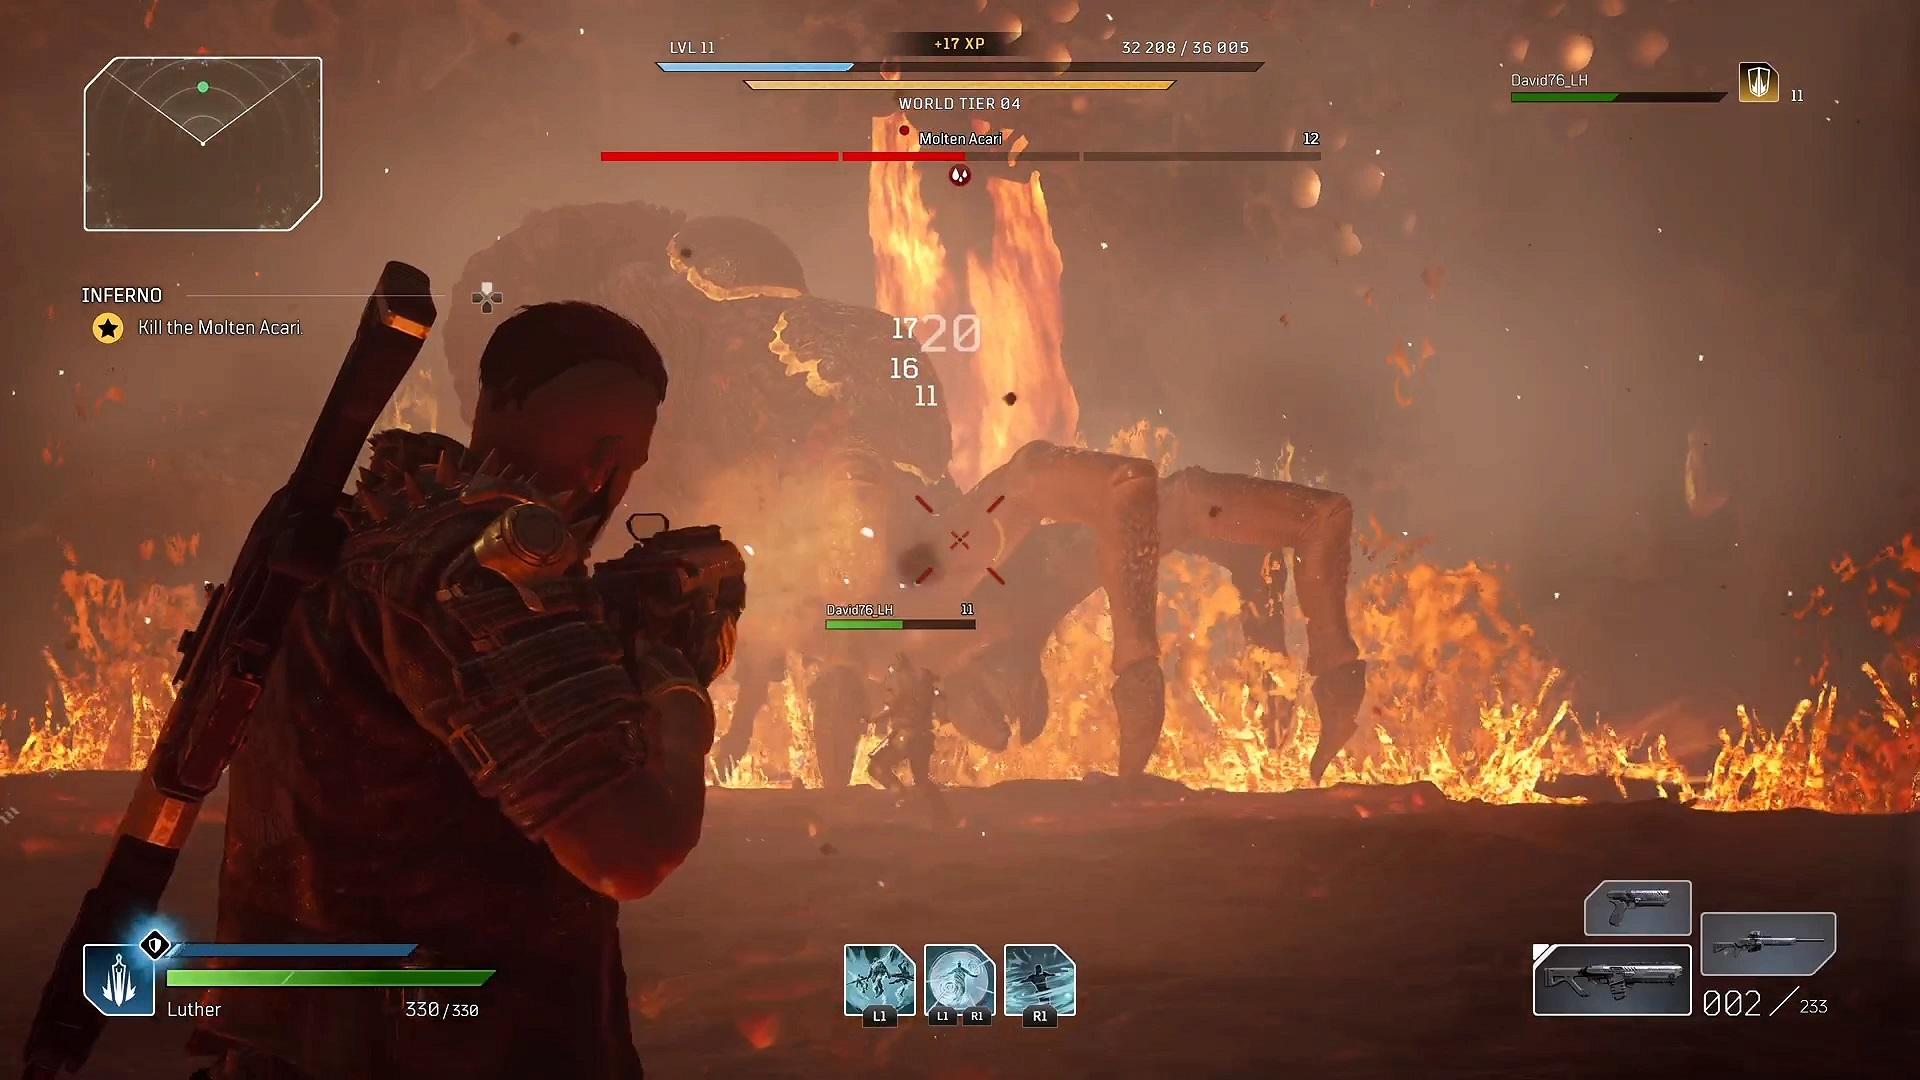 Boj proti hordám nepriateľov občas vystrieda stret s bossom. Práve vtedy sa ti zíde spoluhráč.